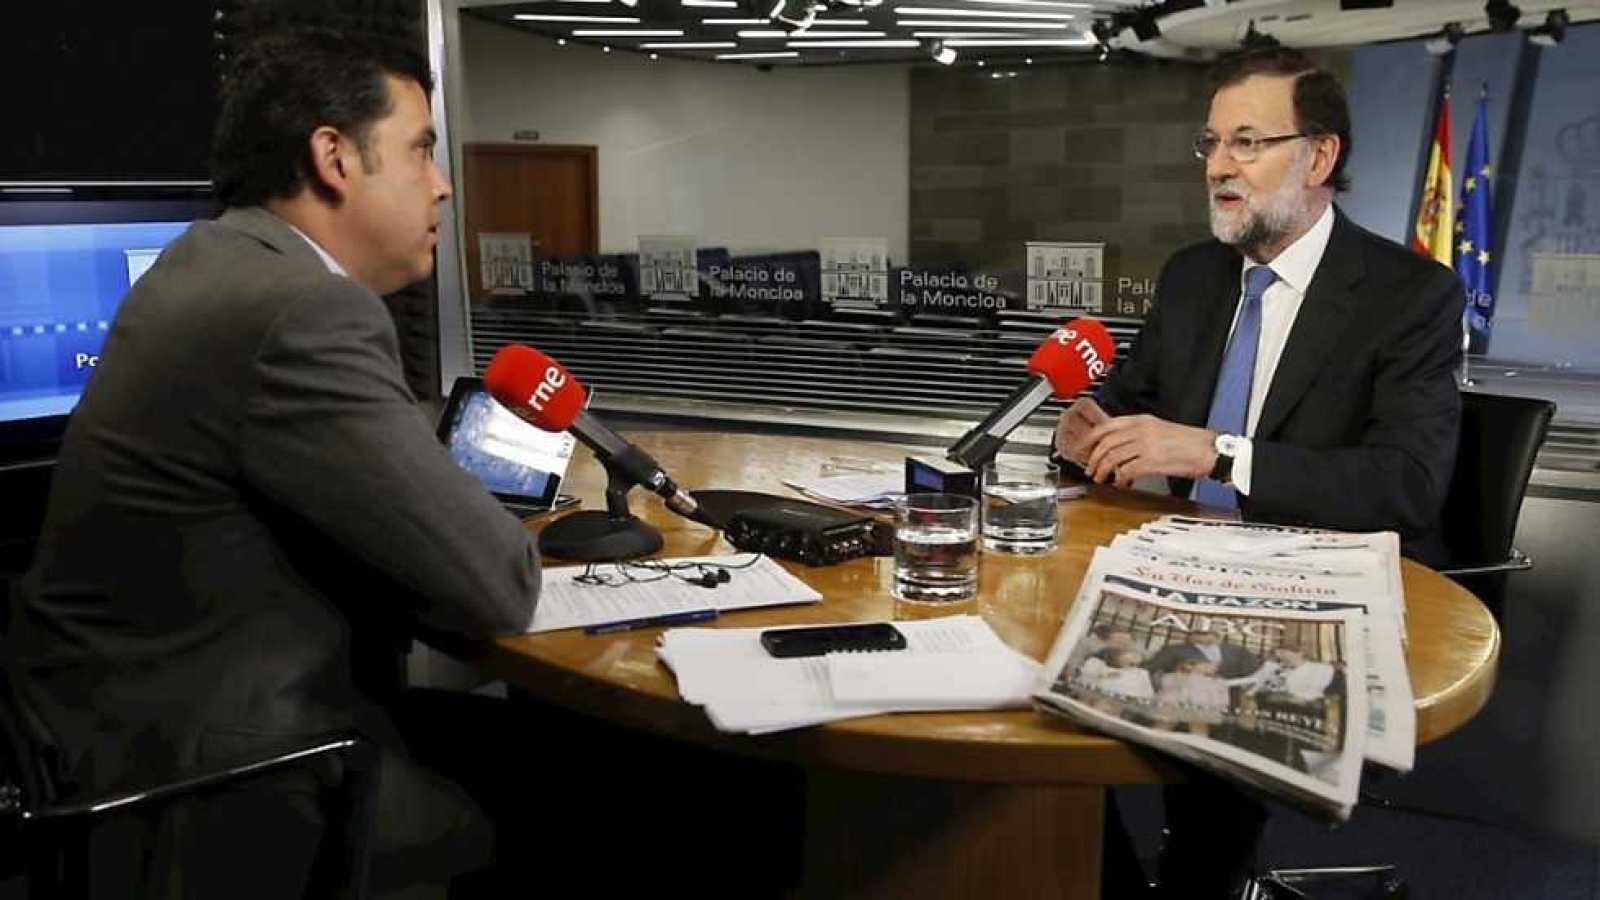 Especial Informativo - Entrevista al Presidente del Gobierno, Mariano Rajoy - Ver ahora